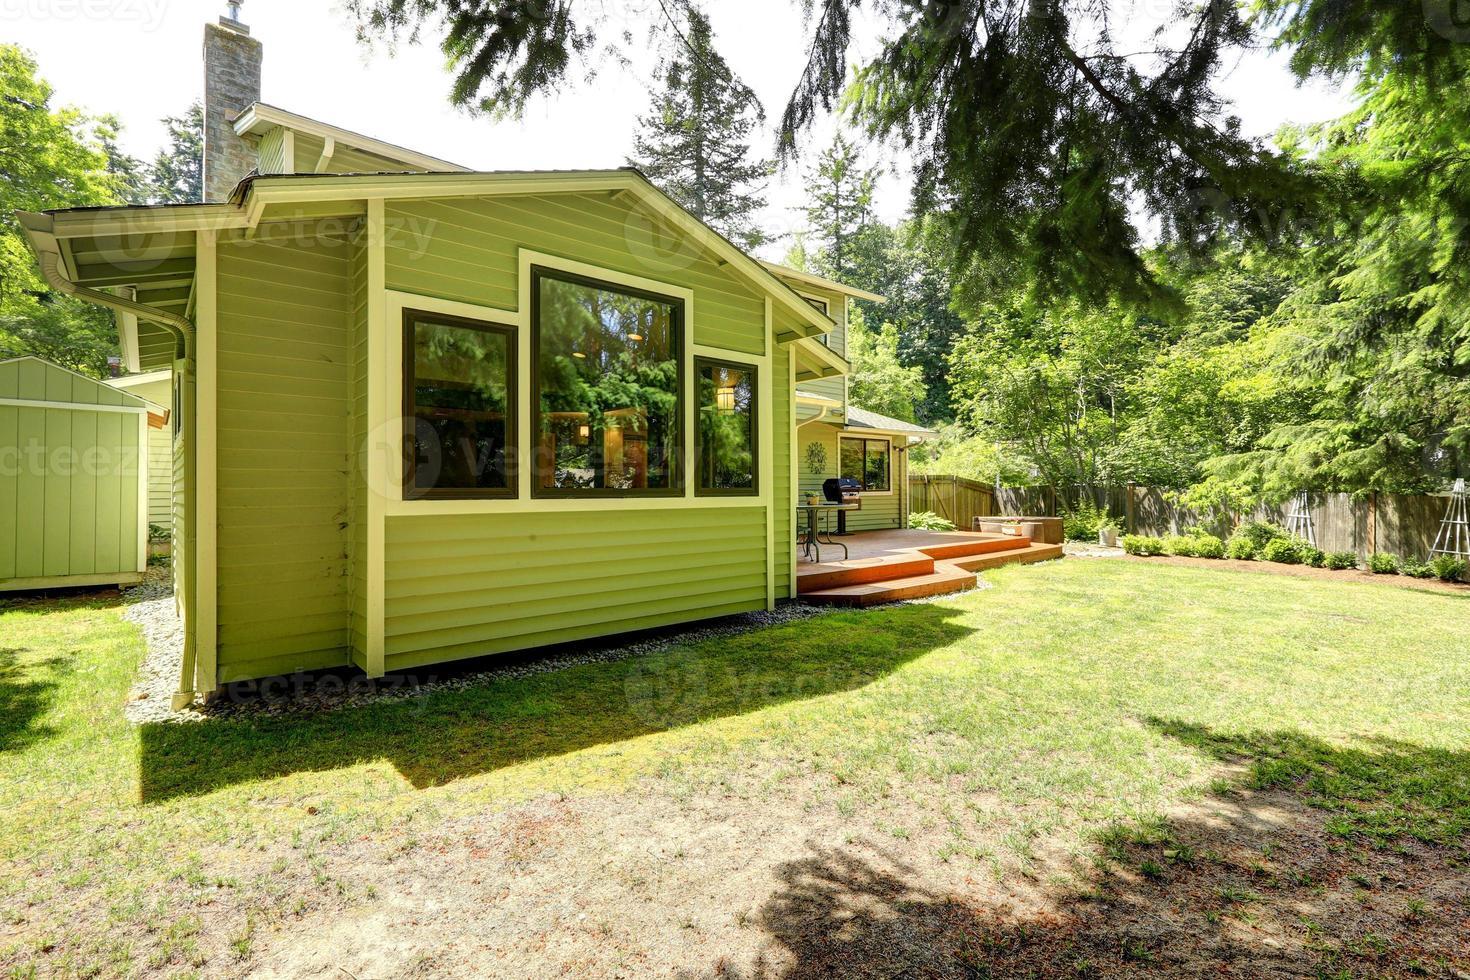 huis met achtertuin staking patio foto